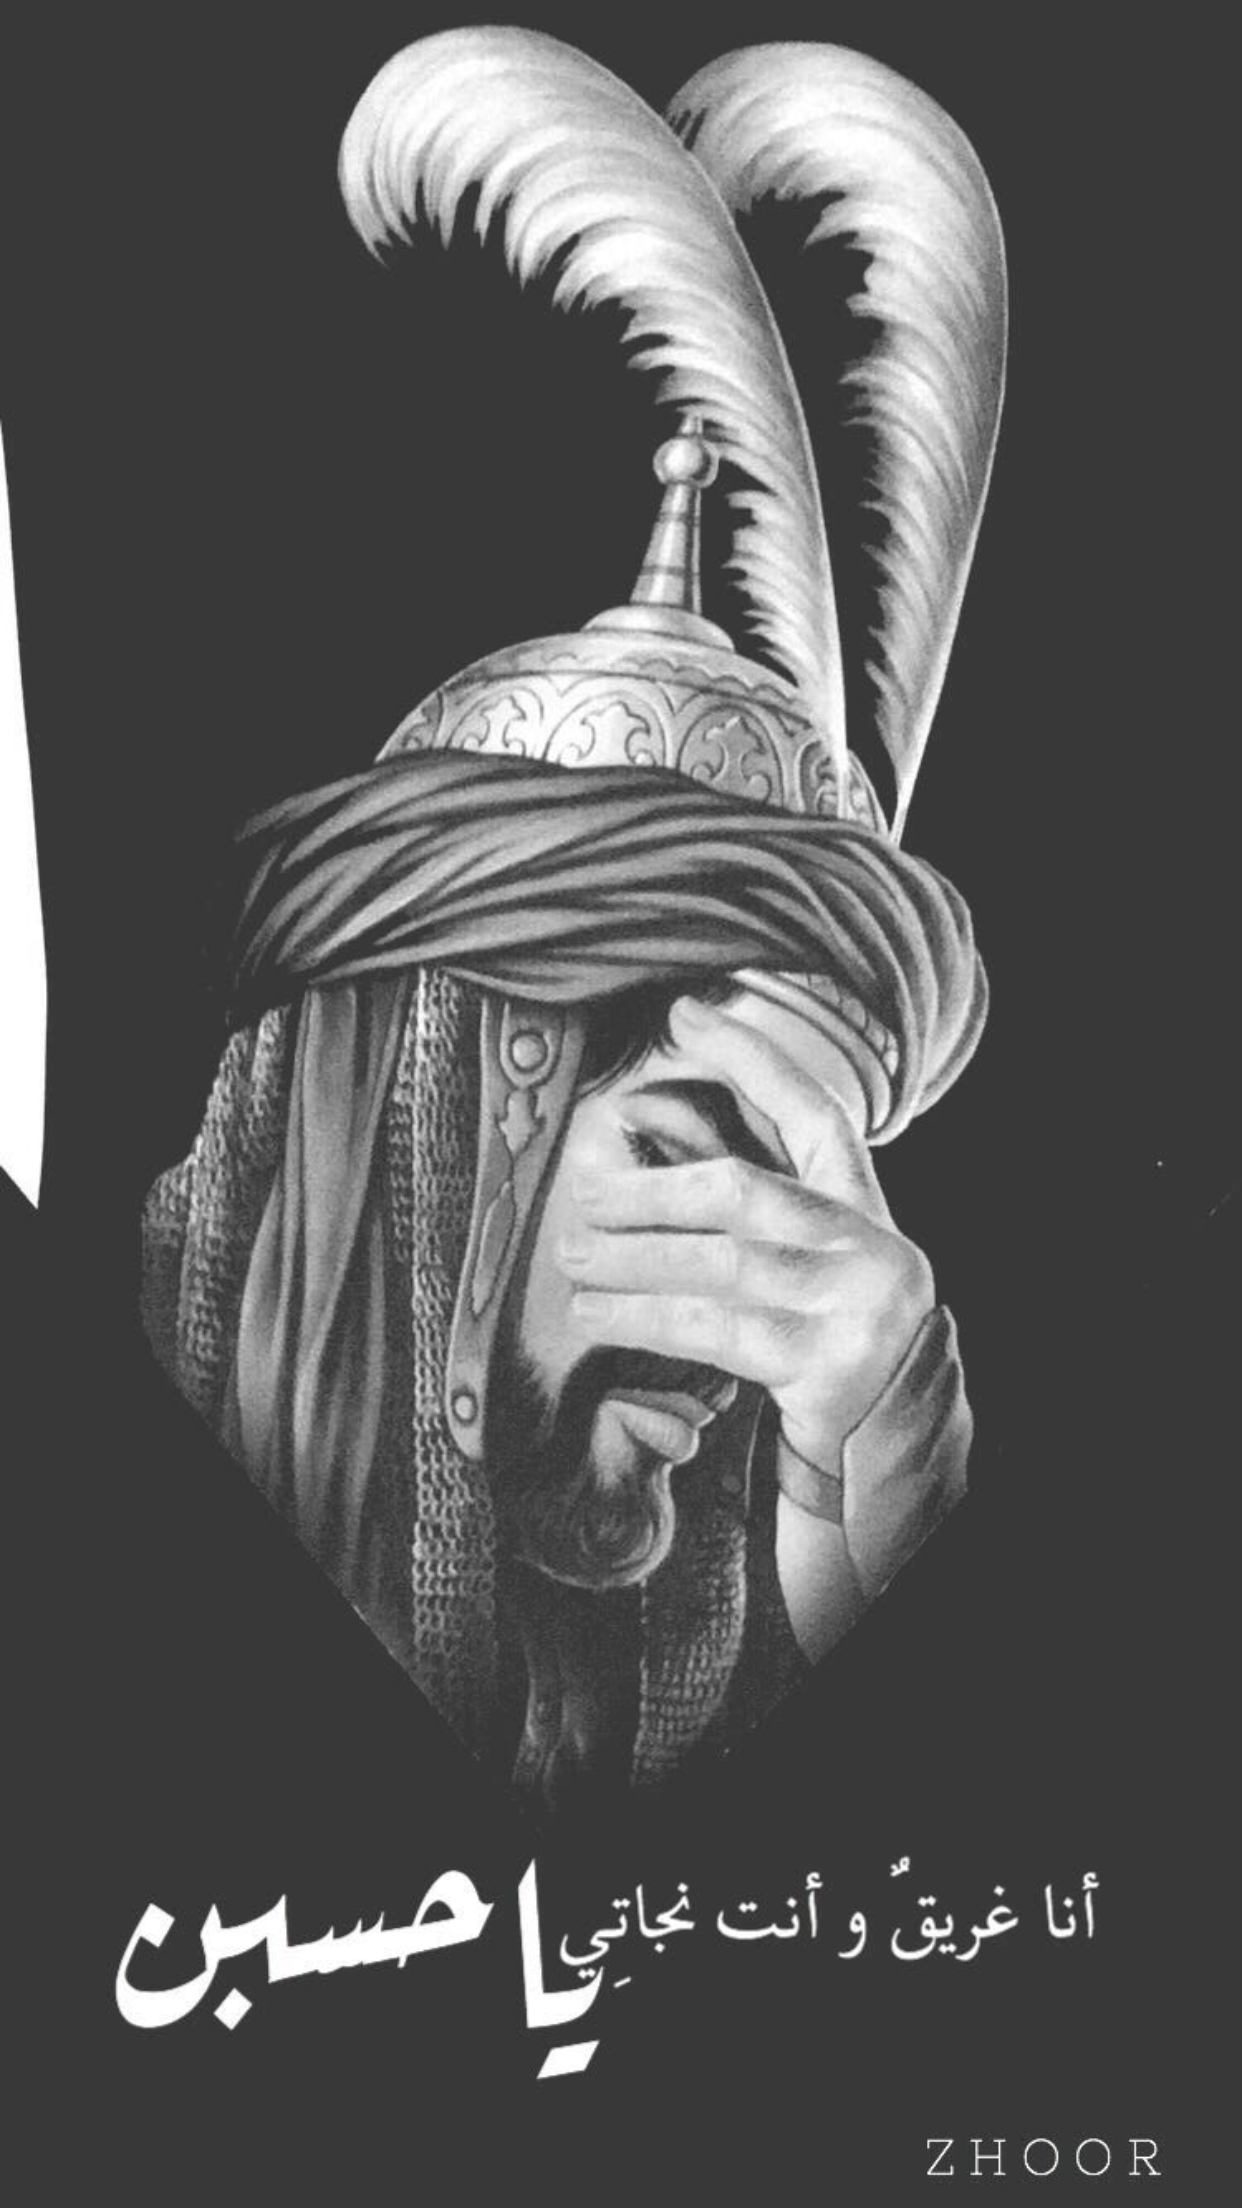 انت غريق و انت نجاتي يا حسين Islamic Art Islamic Paintings Imam Hussain Wallpapers